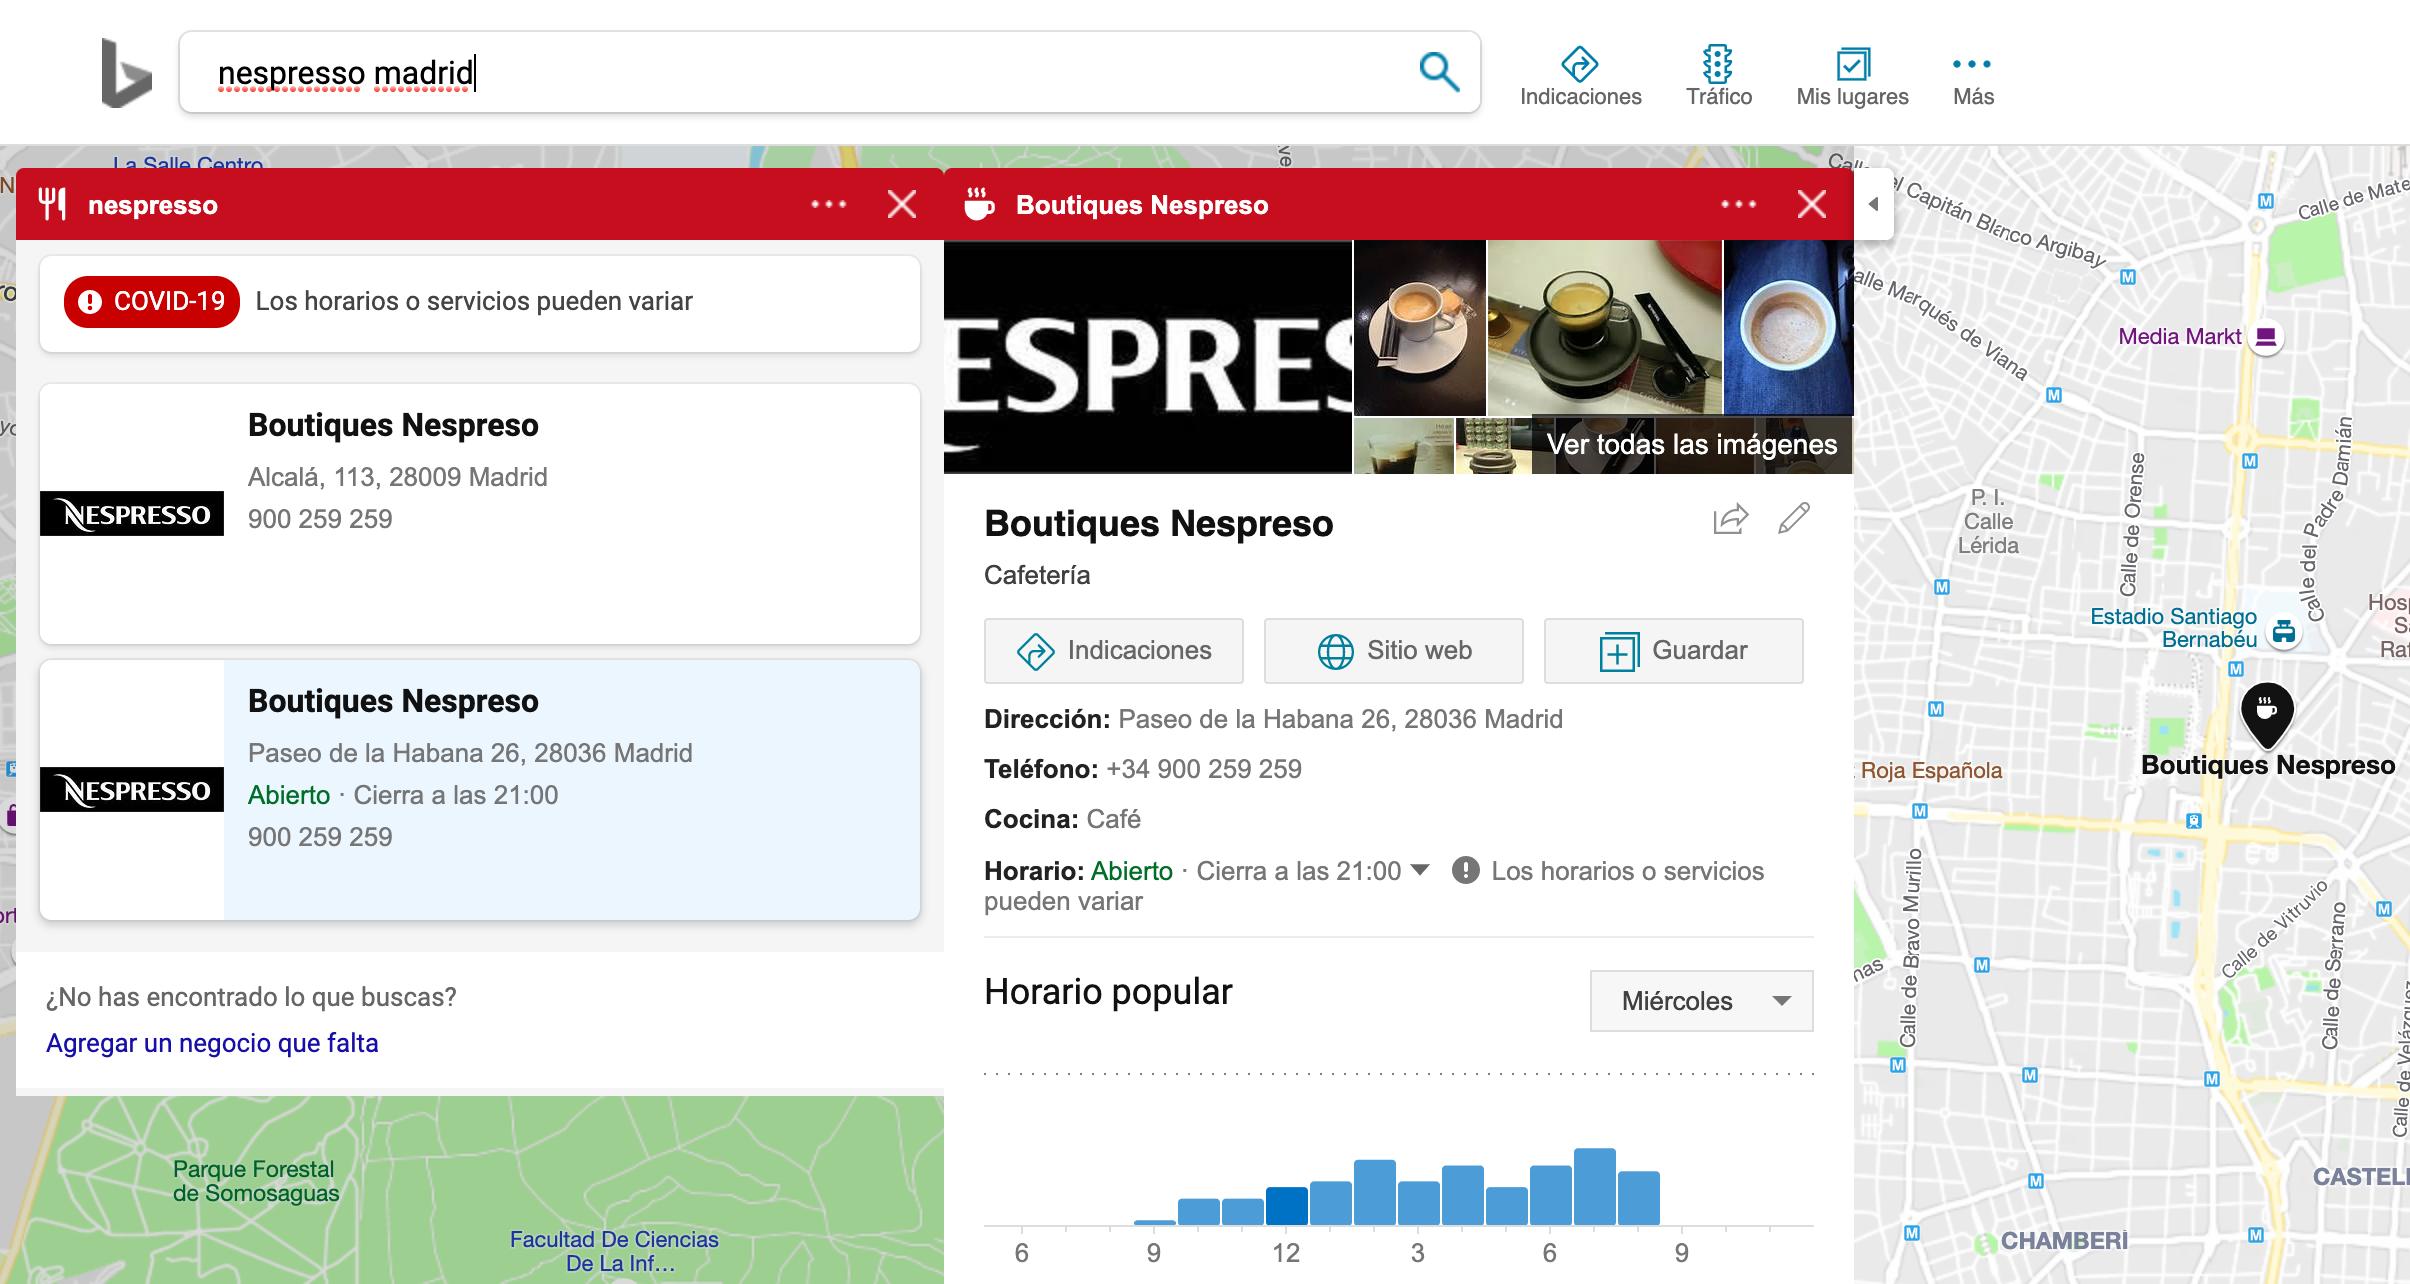 visualización de ficha de establecimiento de Nespresso en Madrid en Bing Mapas